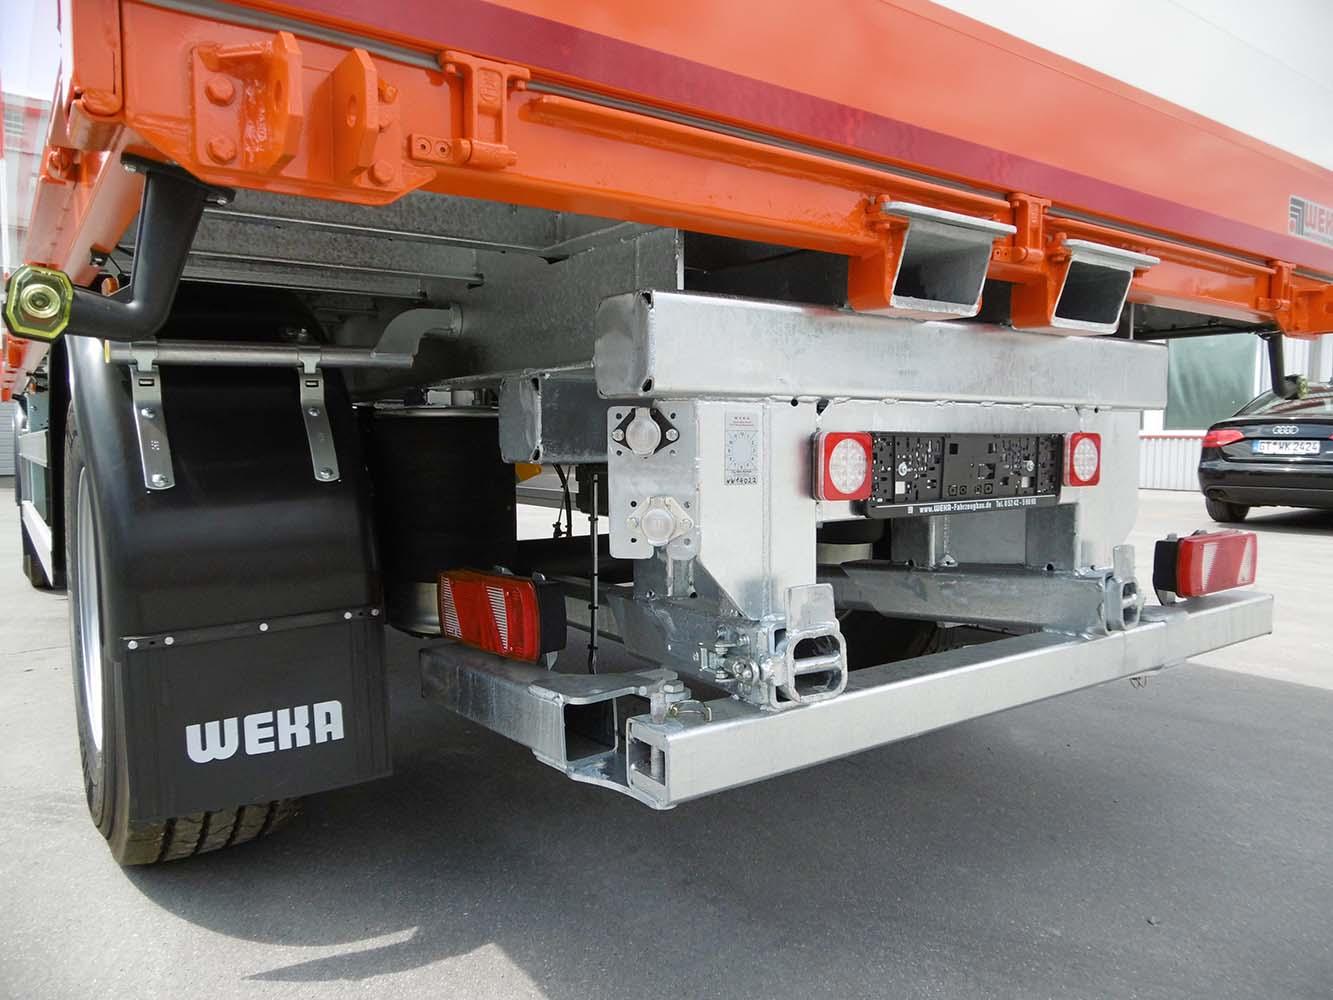 2 Achs Drehschemel Anhänger  mit Staplerhalterung und offenem Bordwandaufbau (1)